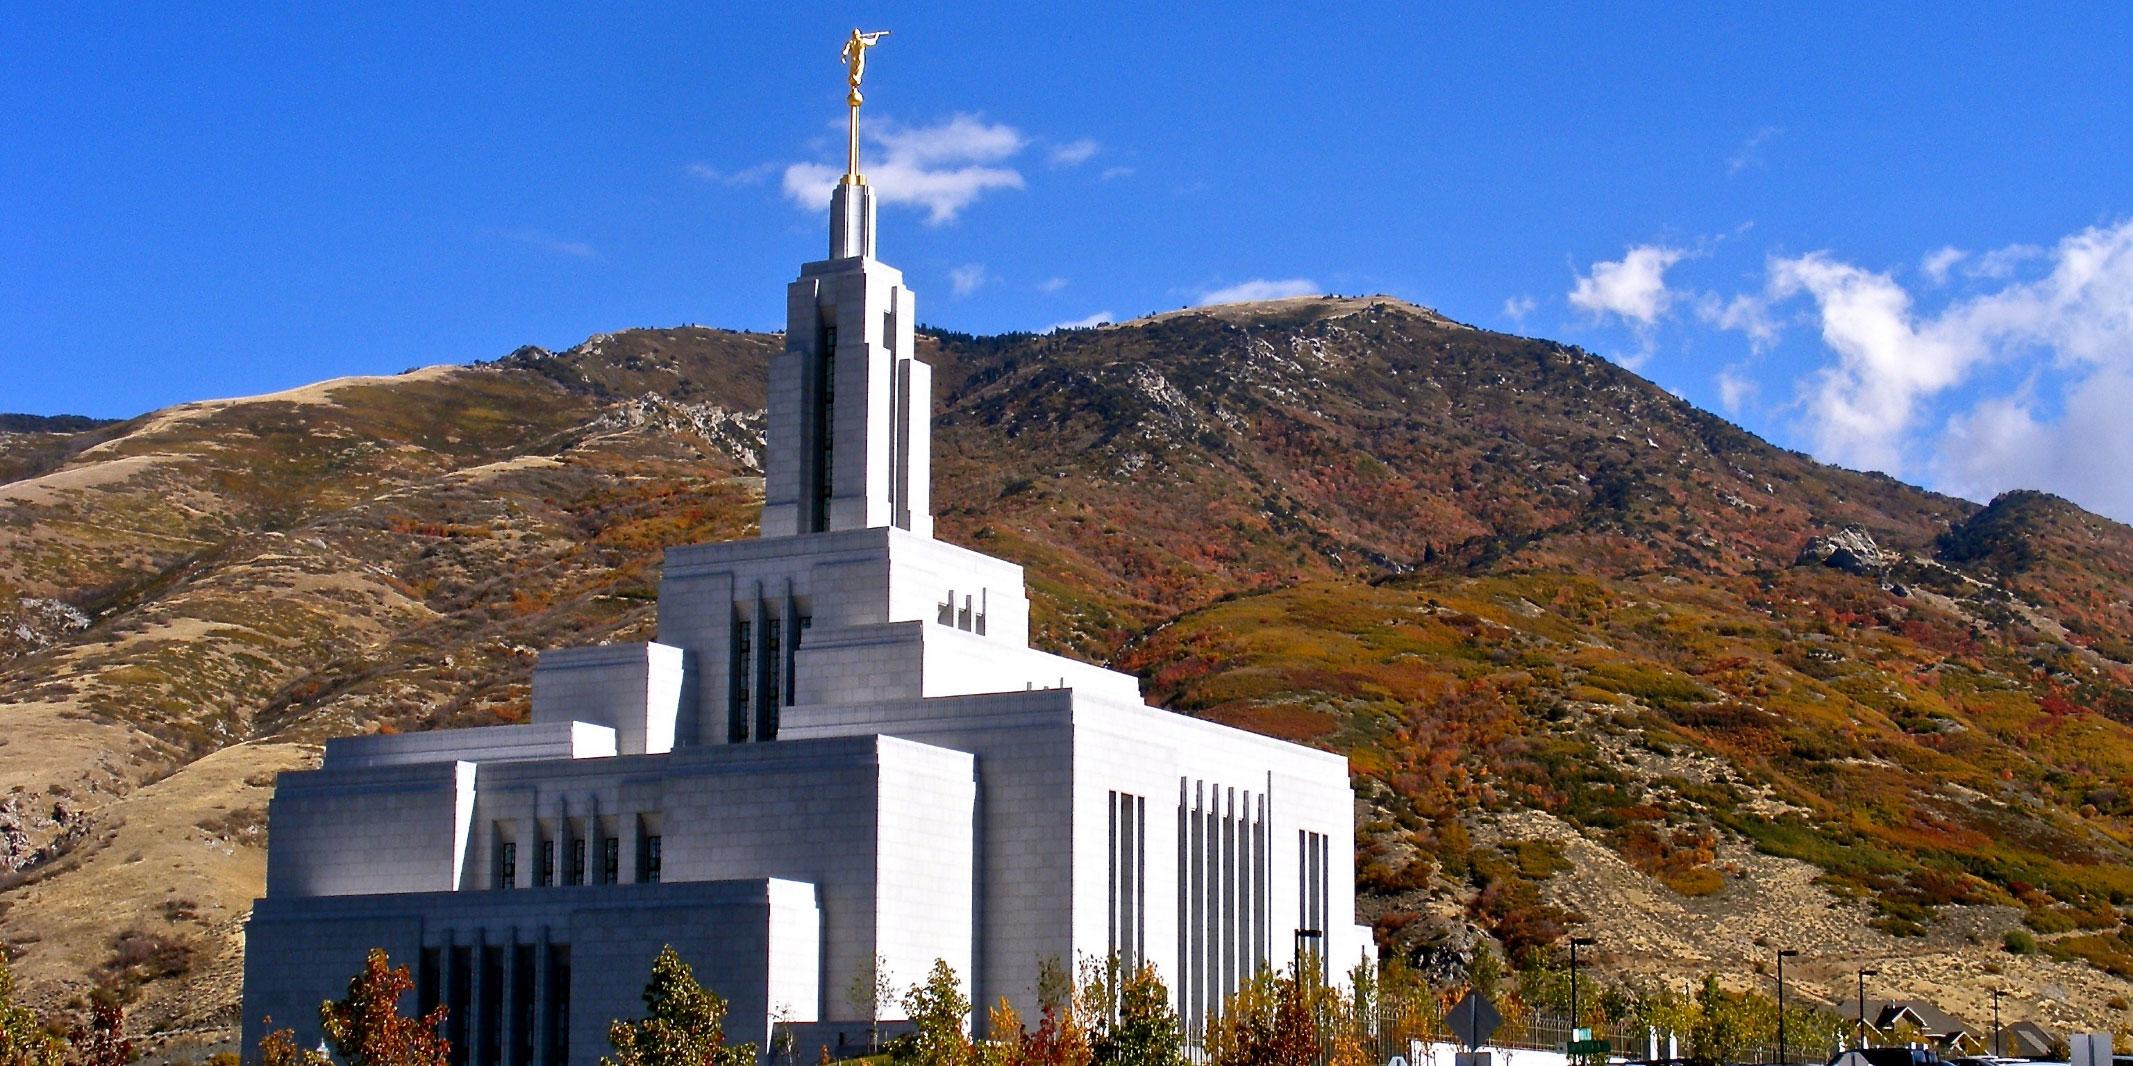 Image of Draper Utah Temple via lds.org